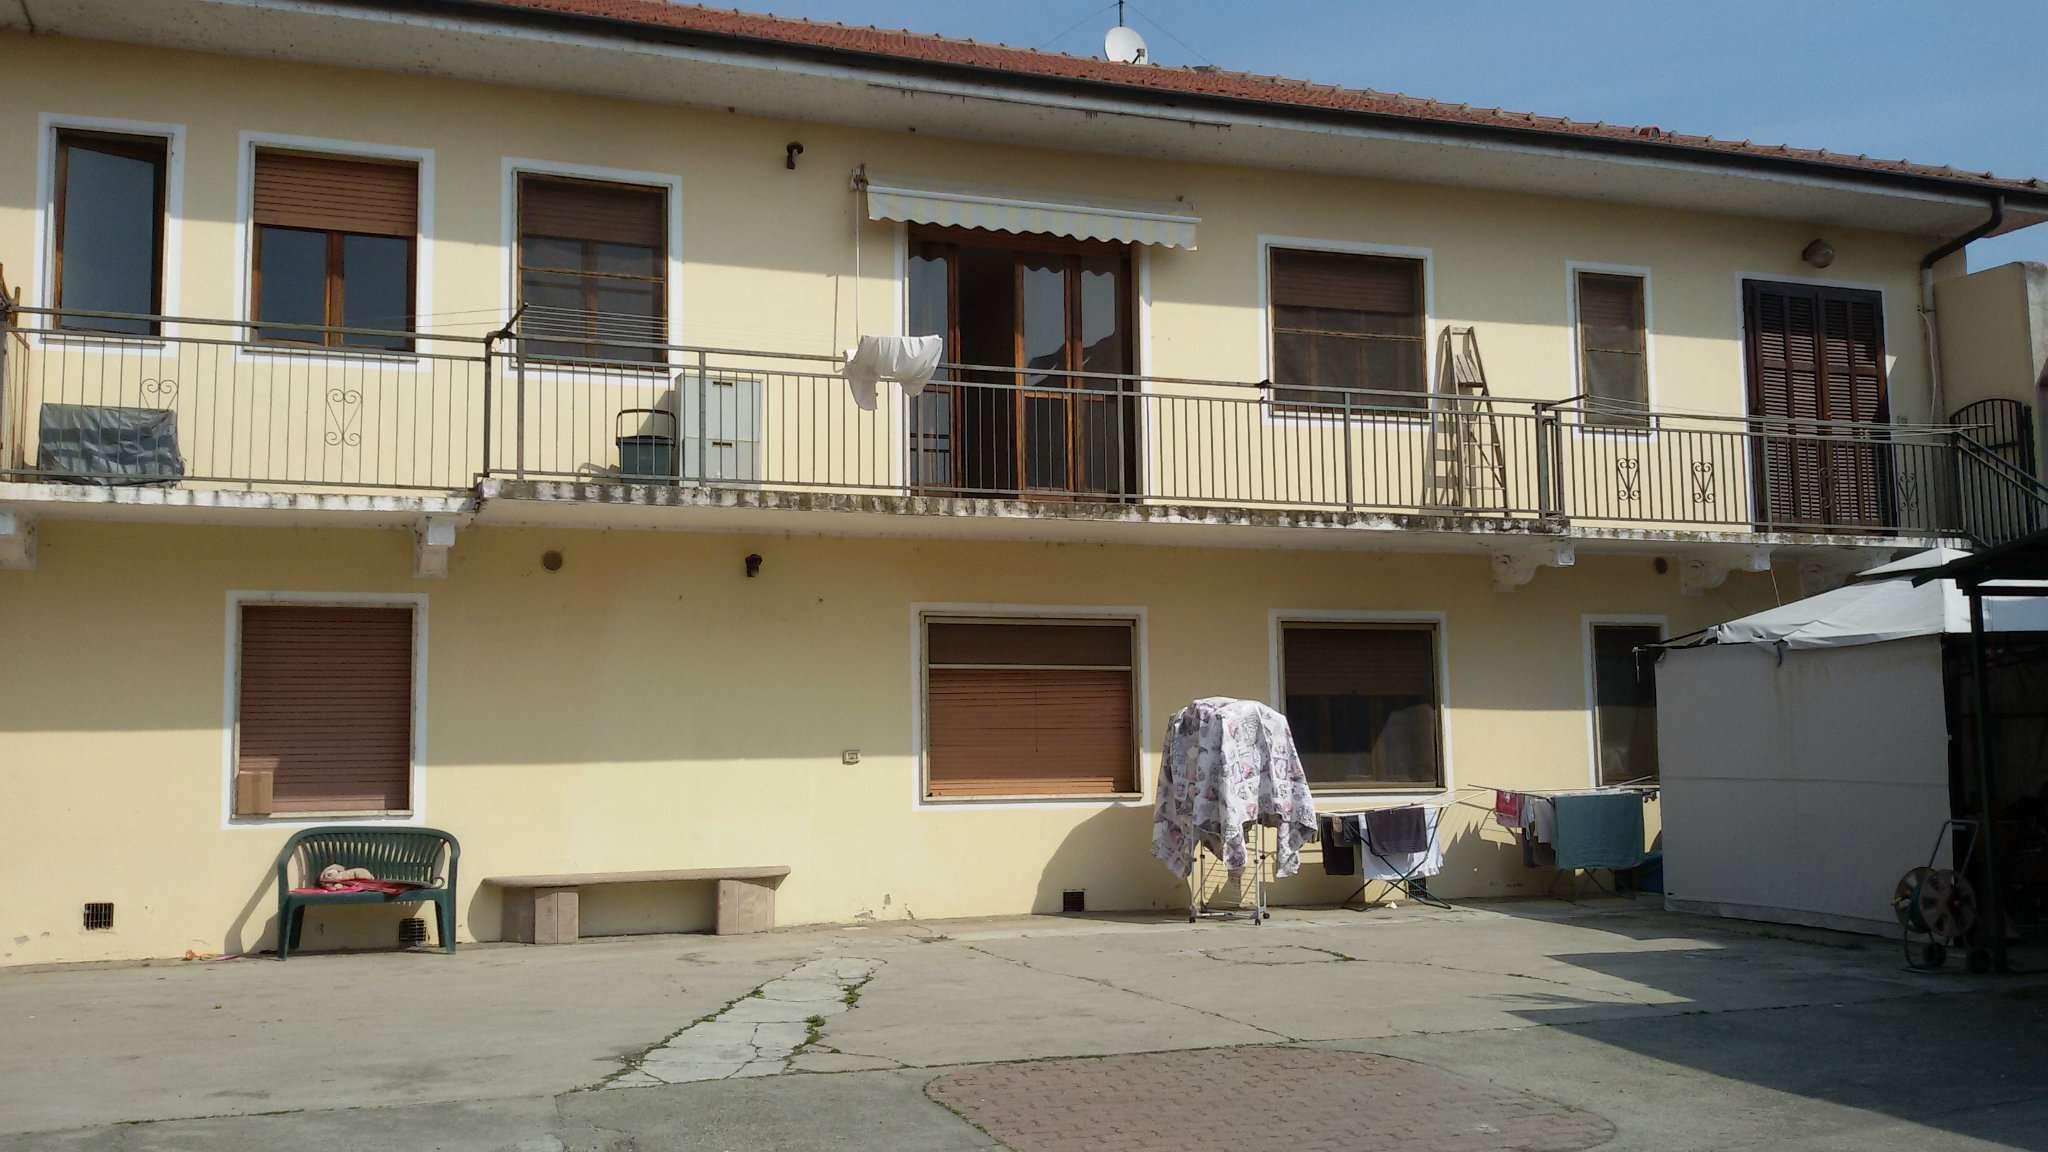 Foto 1 di Quadrilocale via santa margherita 6, frazione Castelrosso, Chivasso